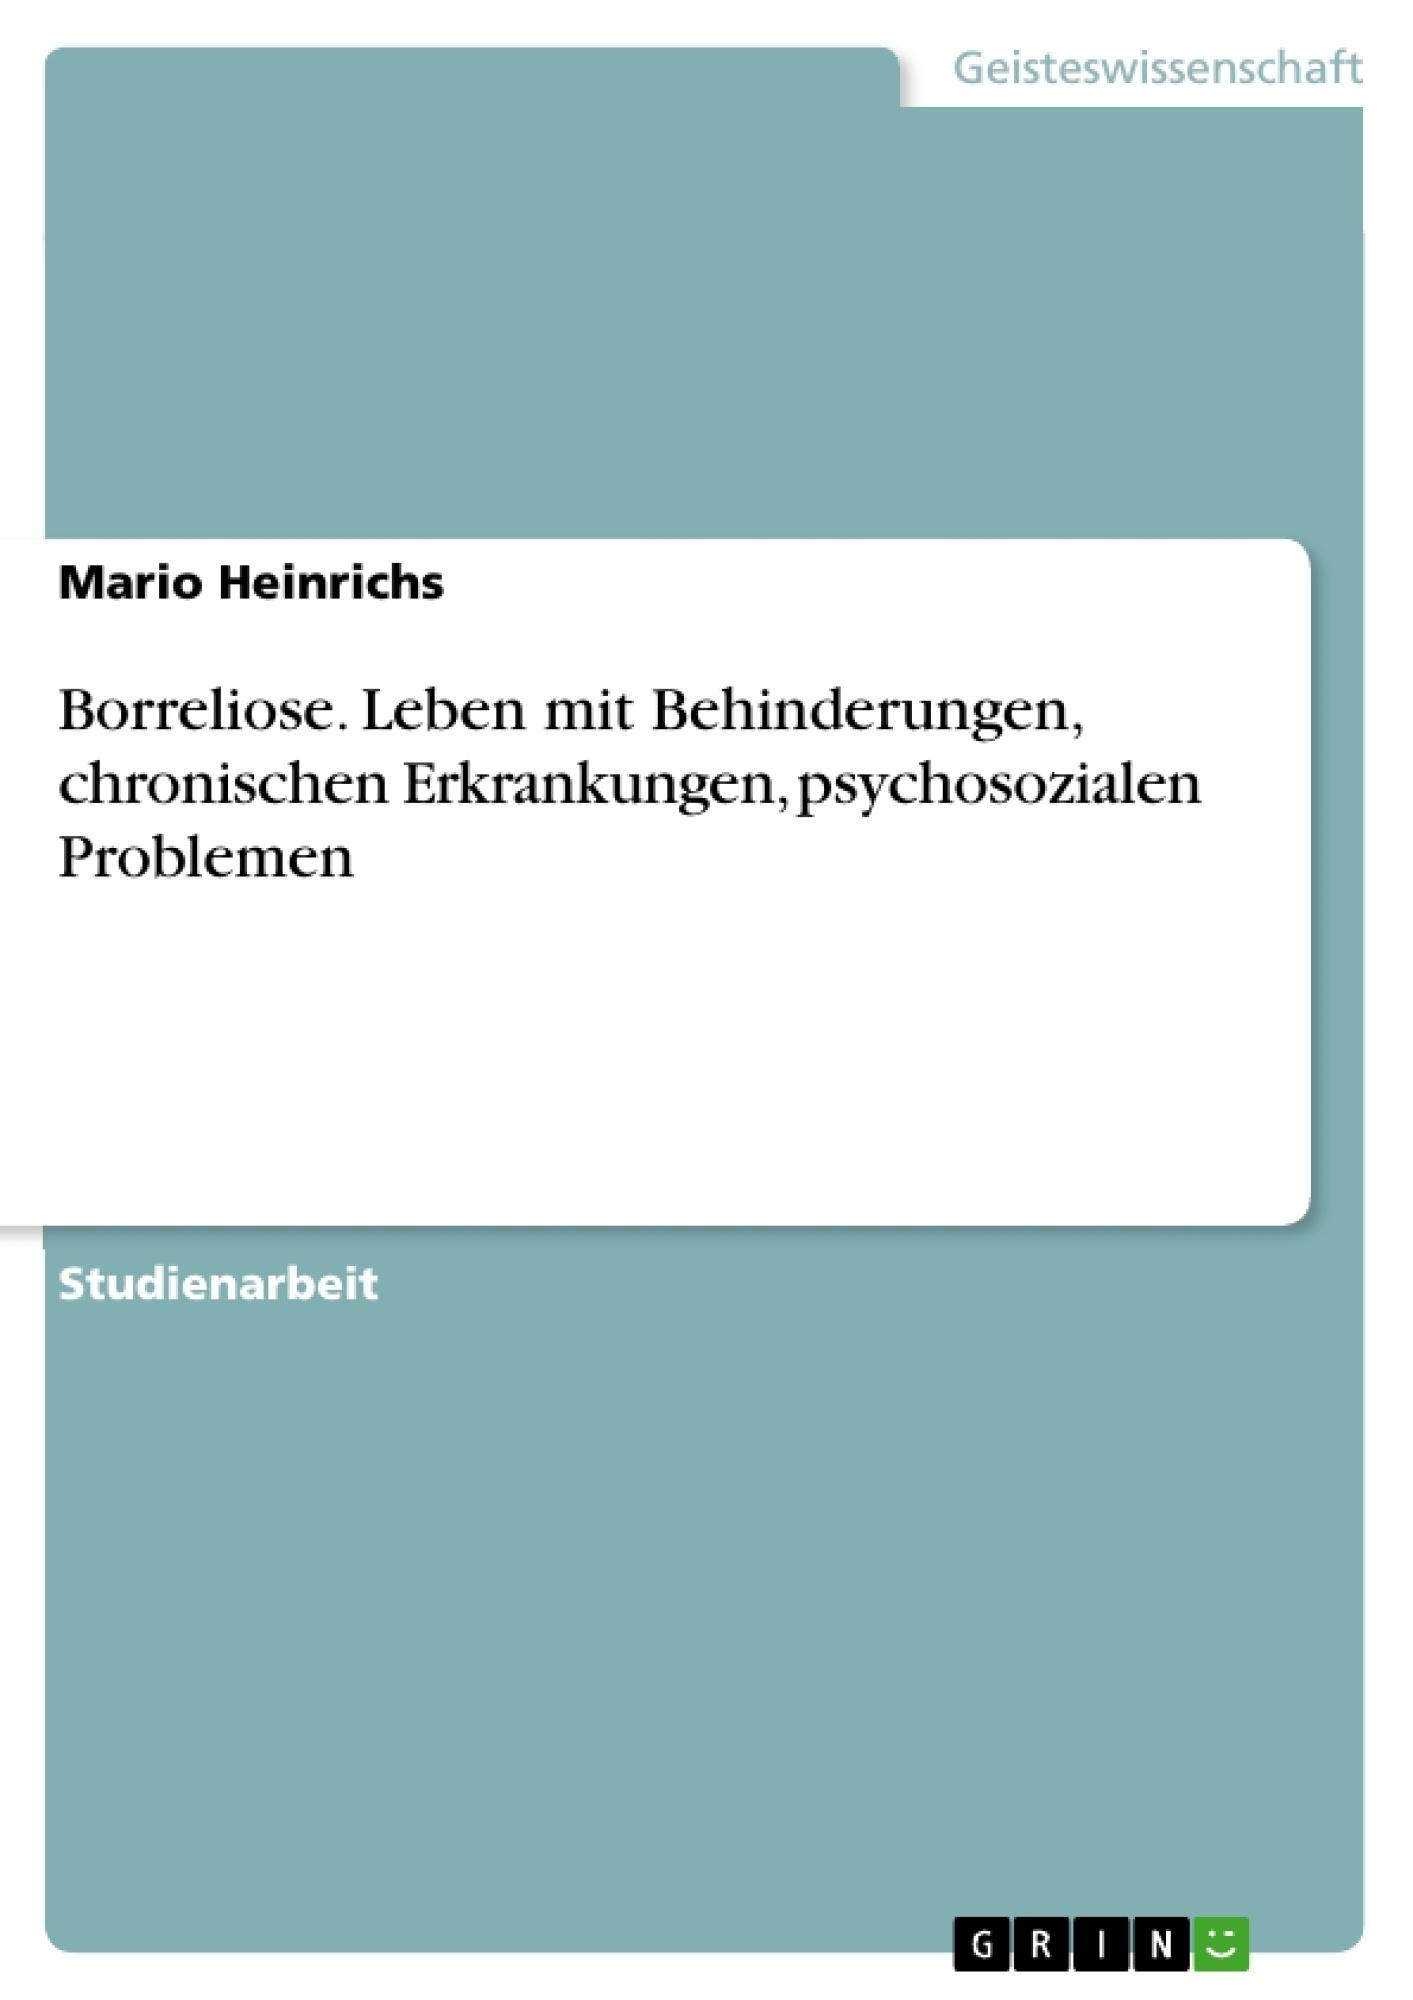 Titel: Borreliose. Leben mit Behinderungen, chronischen Erkrankungen, psychosozialen Problemen